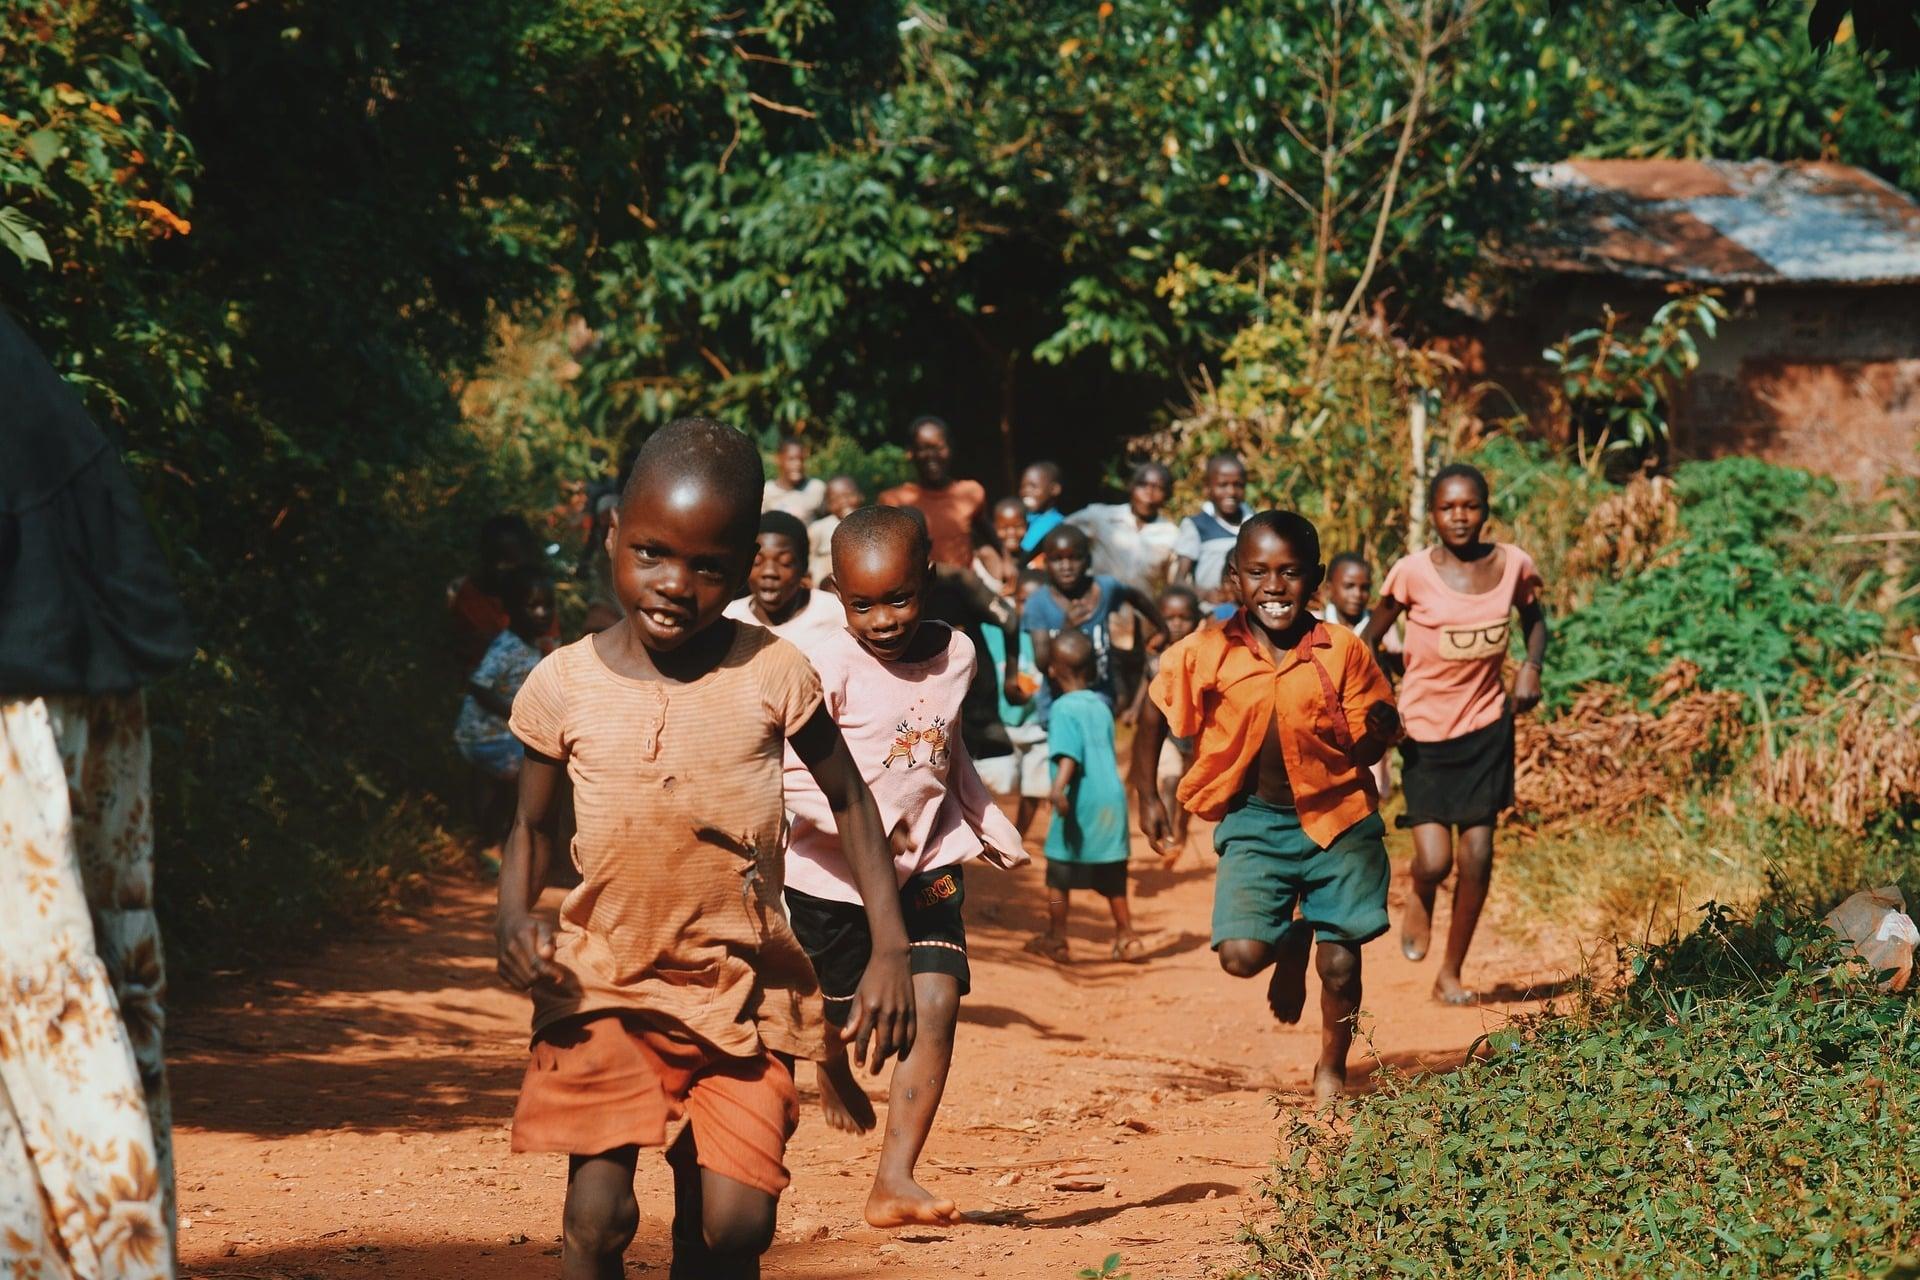 Volontariato internazionale in Kenya per supportare la crescita dei bambini